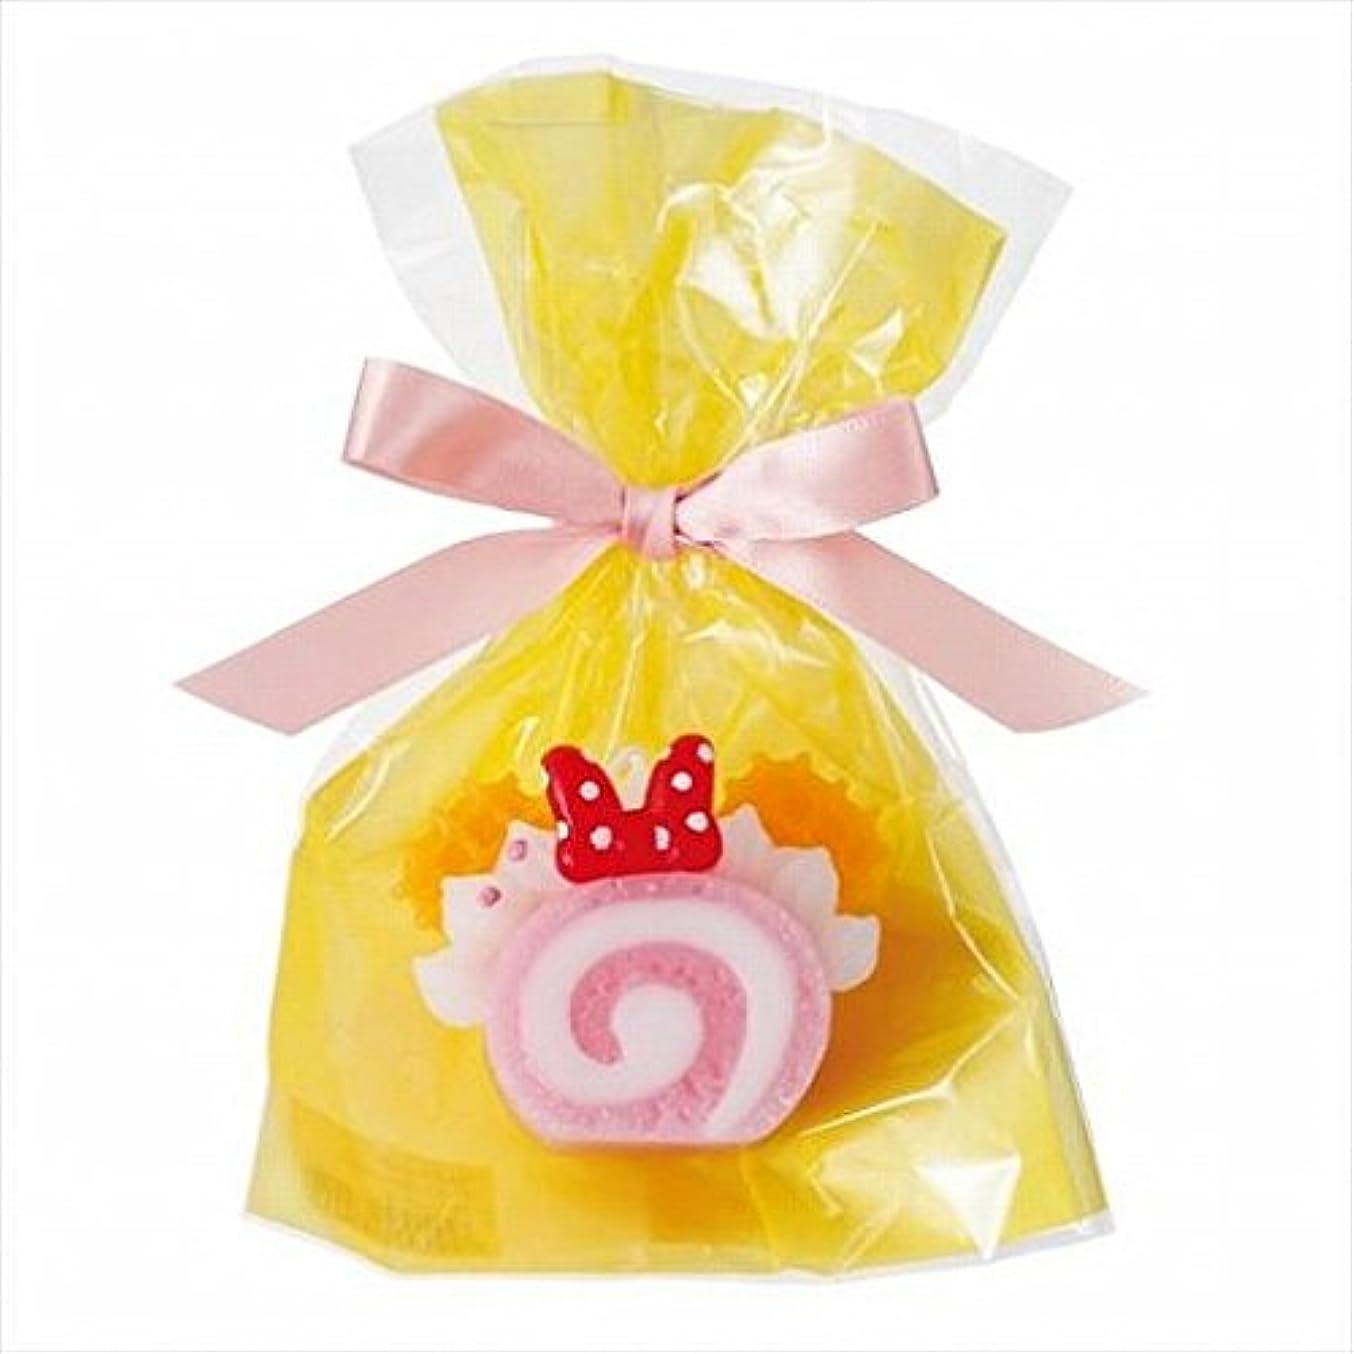 先史時代のブラジャー空洞sweets candle(スイーツキャンドル) ディズニースイーツキャンドル 「 ピンクロールケーキ 」 キャンドル 55x30x44mm (A4350030)